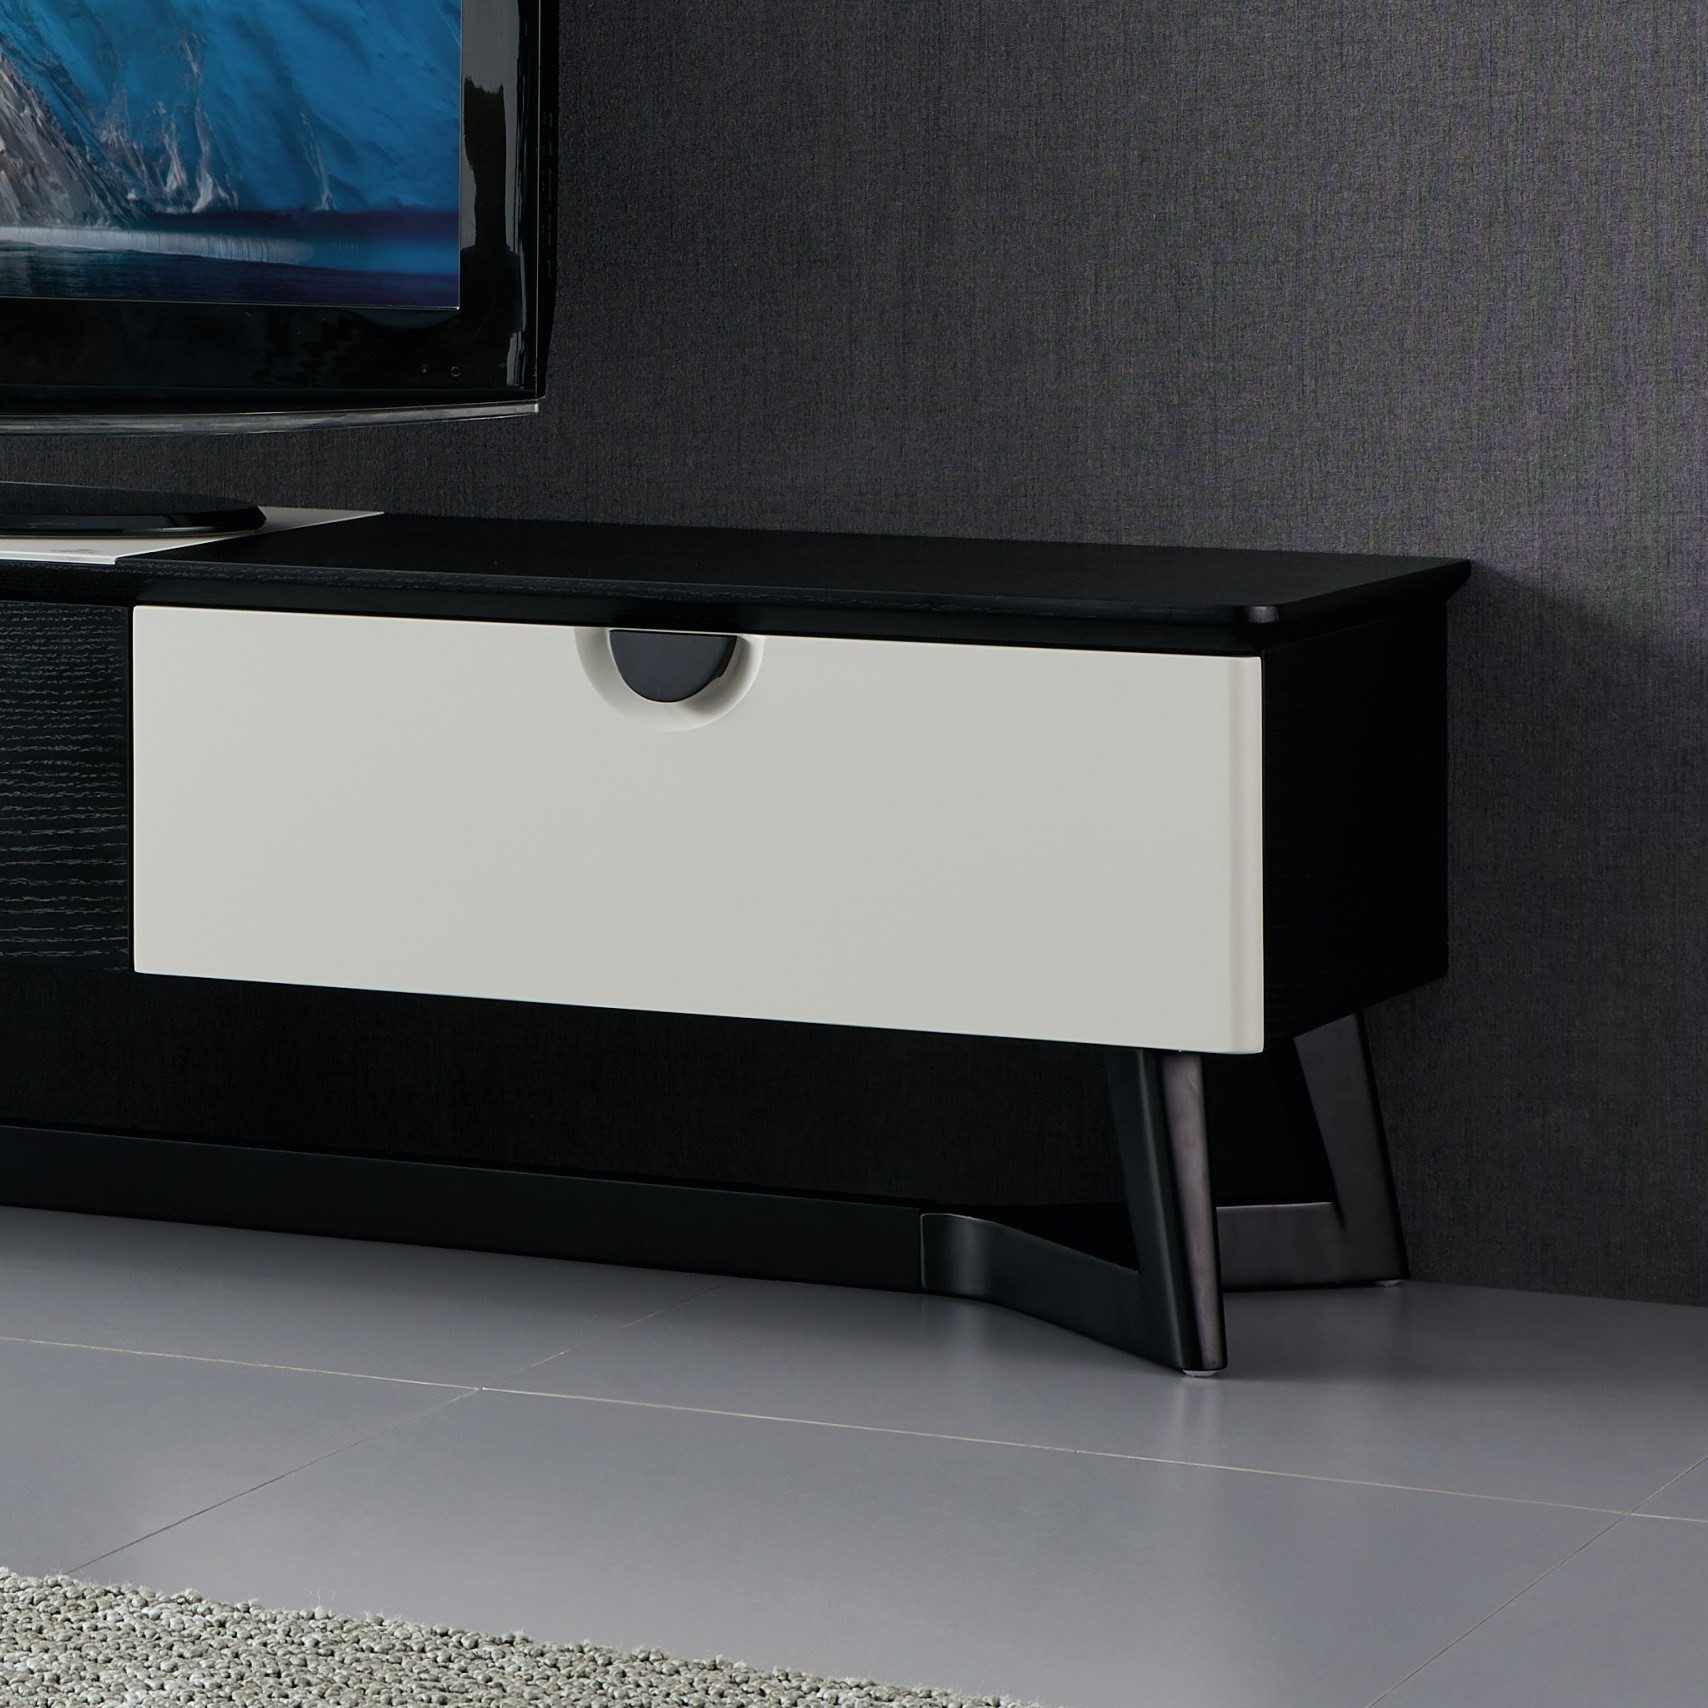 52 Livingroom Furniture Solid Wood TV Stands End Table Cabinet Manufacturers, 52 Livingroom Furniture Solid Wood TV Stands End Table Cabinet Factory, Supply 52 Livingroom Furniture Solid Wood TV Stands End Table Cabinet